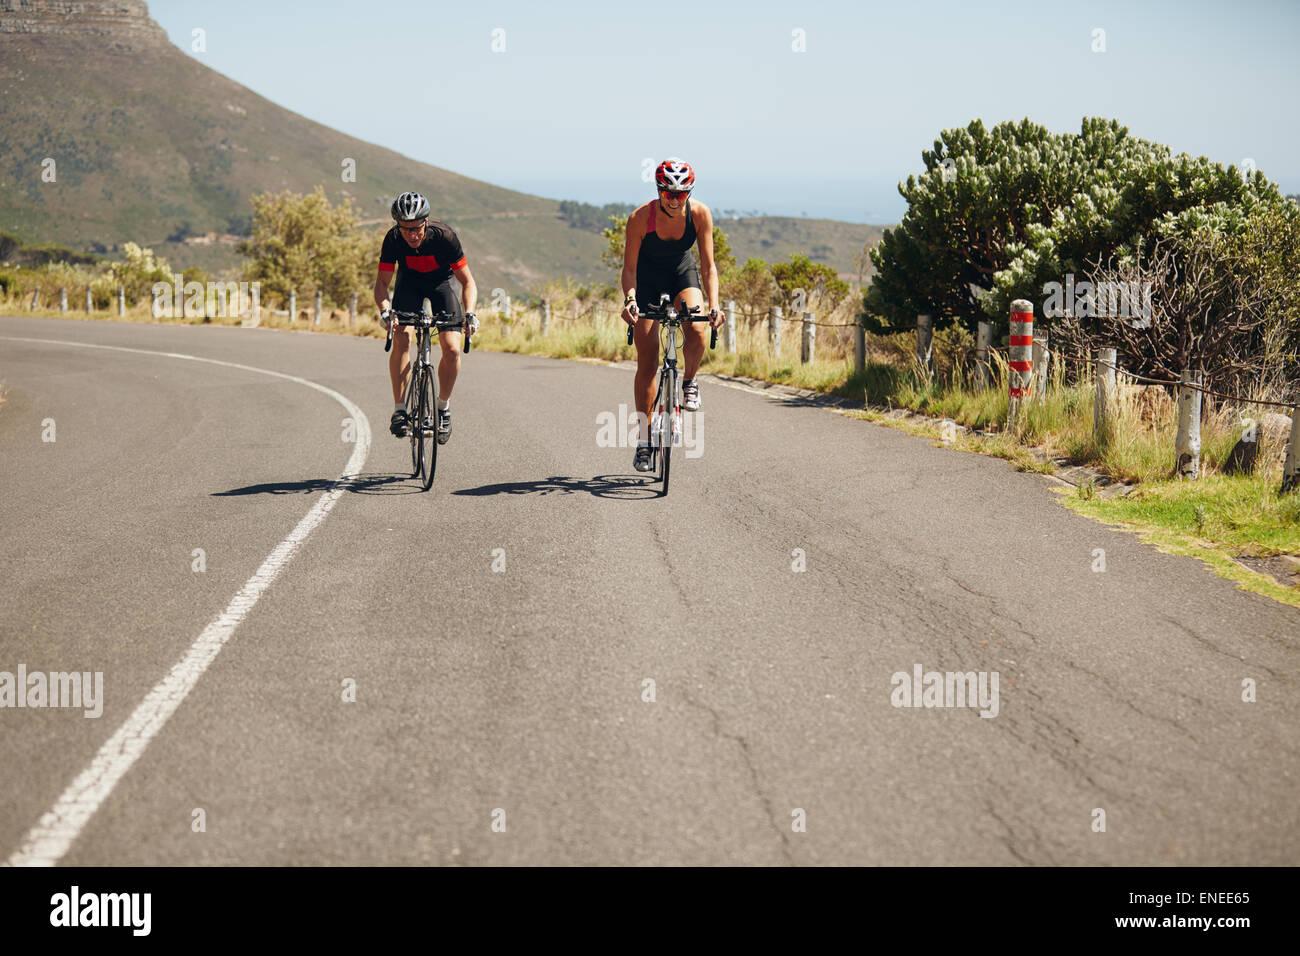 Ciclista bicicletas en carretera abierta. Triatletas ciclismo en bicicletas. Practicando para triatlón de la Imagen De Stock